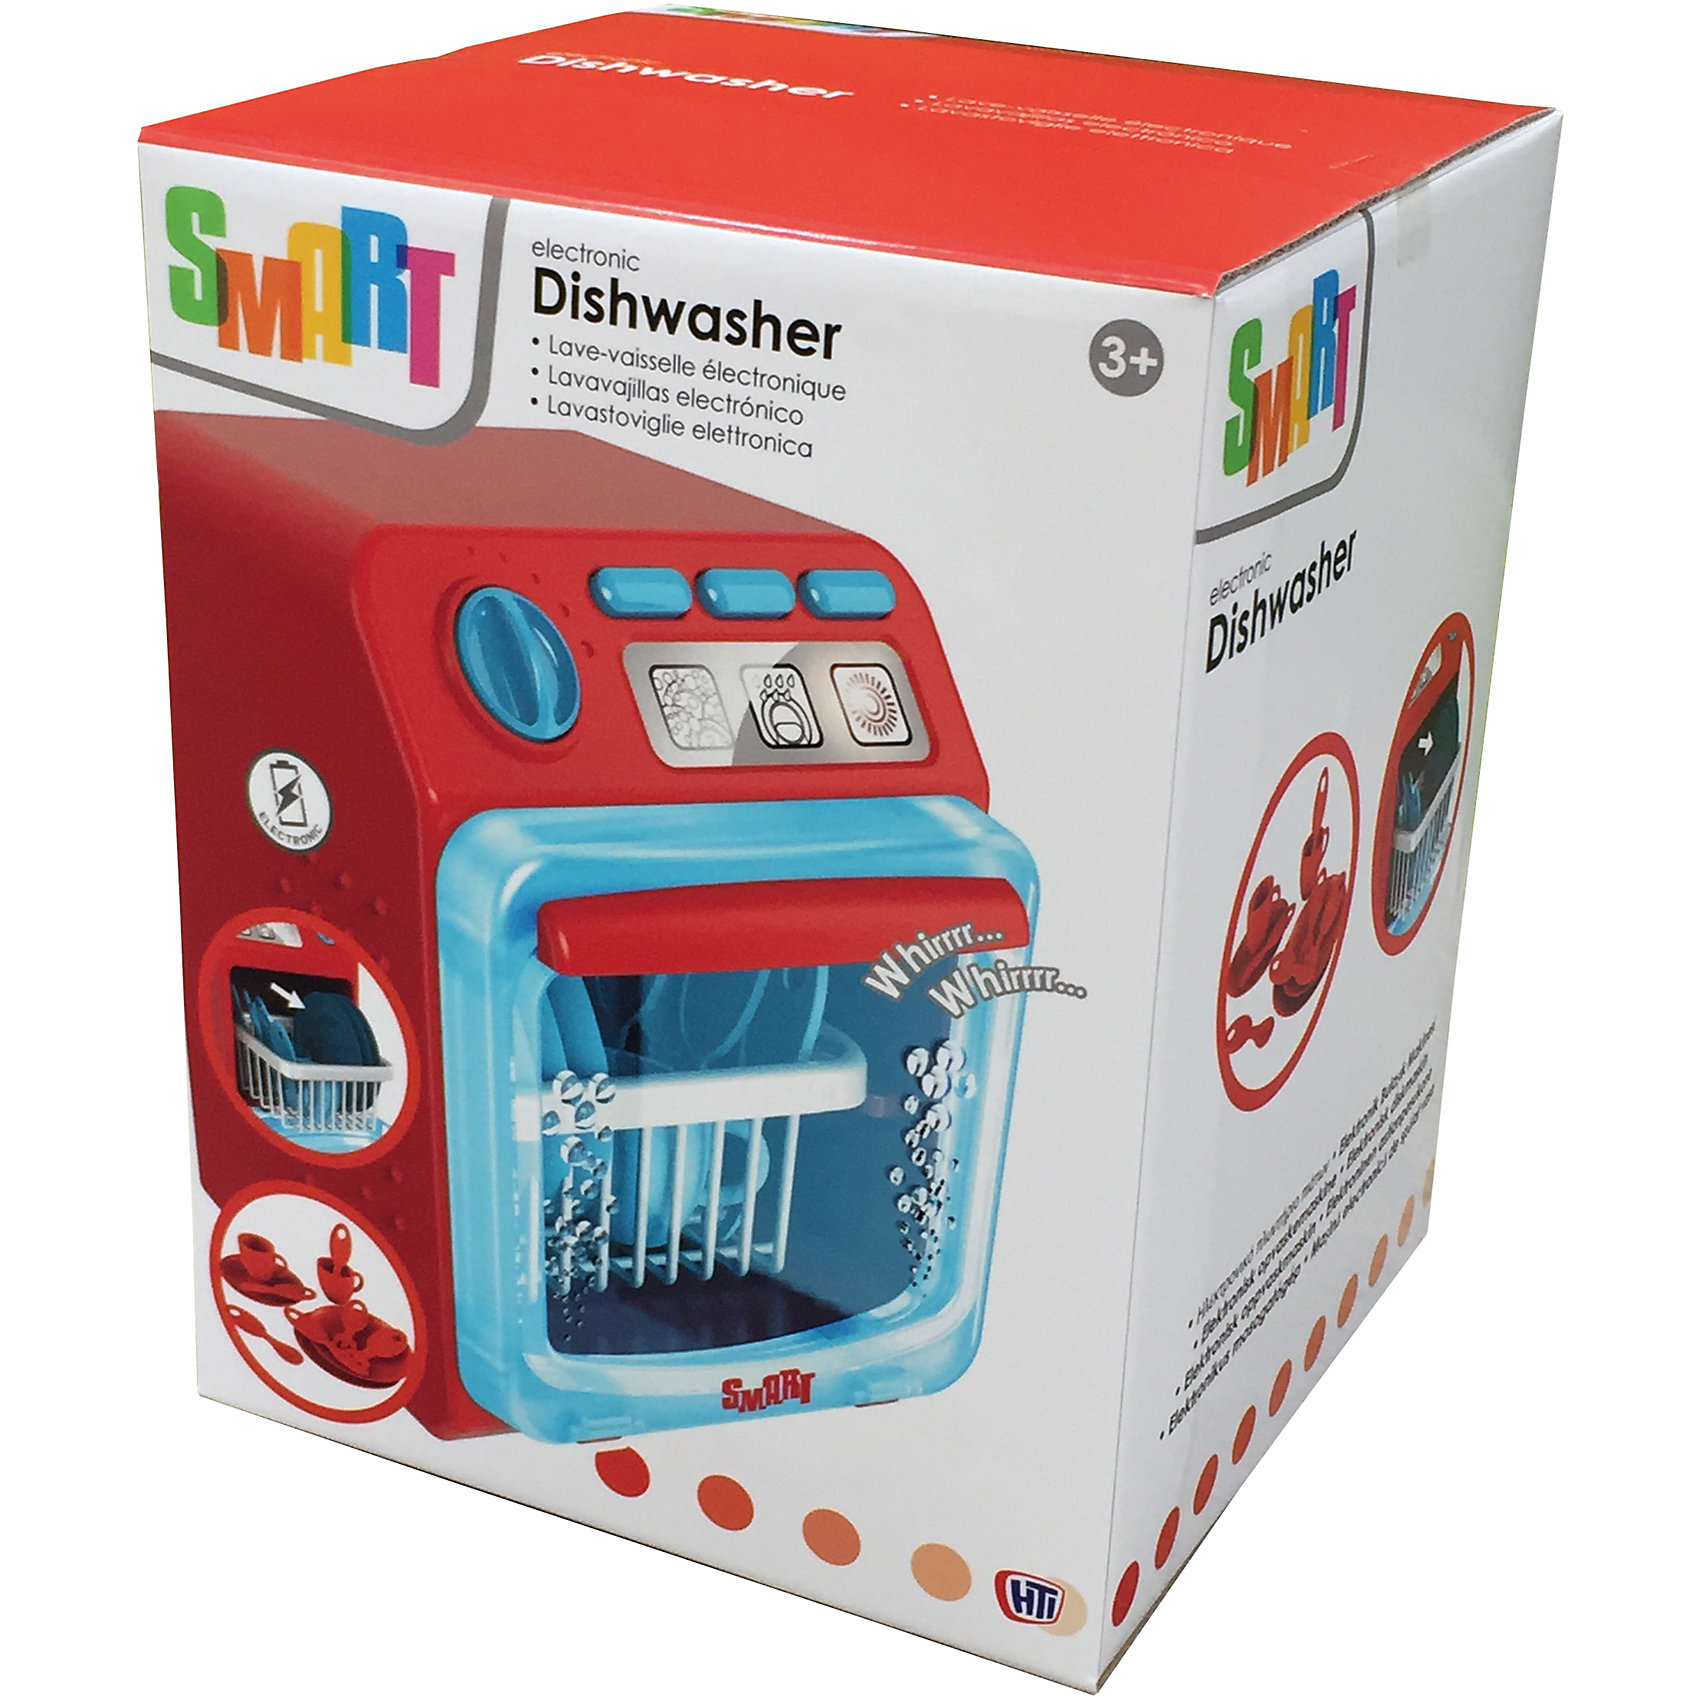 Посудомоечная машина Smart, HTIПосудомоечная машина Smart, HTI.<br><br>Характеристика: <br><br>• Материал: пластик. <br>• Размер: 25,5х20х19,7 см. <br>• Комплектация: посудомоечная машина, набор посуды, корзина.<br>• Дверца открывается. <br>• Кнопки для выбора программ мытья, сушки и слива воды. <br>• Ручка вращается. <br>• Оригинальный привлекательный дизайн. <br>• Все действия сопровождаются световыми и звуковыми эффектами. <br>• Элемент питания: 3 ААА батарейки (не входят в комплект). <br><br>Посудомоечная машина Smart займет достойное место на игрушечной кухне вашей юной хозяйки! Машина выглядит как настоящая: у нее открывается дверца, есть кнопки для выбора программ, слива воды и сушки. Набор посуды, звуковые и световые эффекты сделают игру еще интереснее и реалистичнее. Все детали набора выполнены из высококачественного прочного пластика, с применением только нетоксичных безопасных красителей. <br><br>Посудомоечную машину Smart, HTI, можно купить в нашем интернет-магазине.<br><br>Ширина мм: 253<br>Глубина мм: 200<br>Высота мм: 198<br>Вес г: 998<br>Возраст от месяцев: 36<br>Возраст до месяцев: 168<br>Пол: Женский<br>Возраст: Детский<br>SKU: 5366524